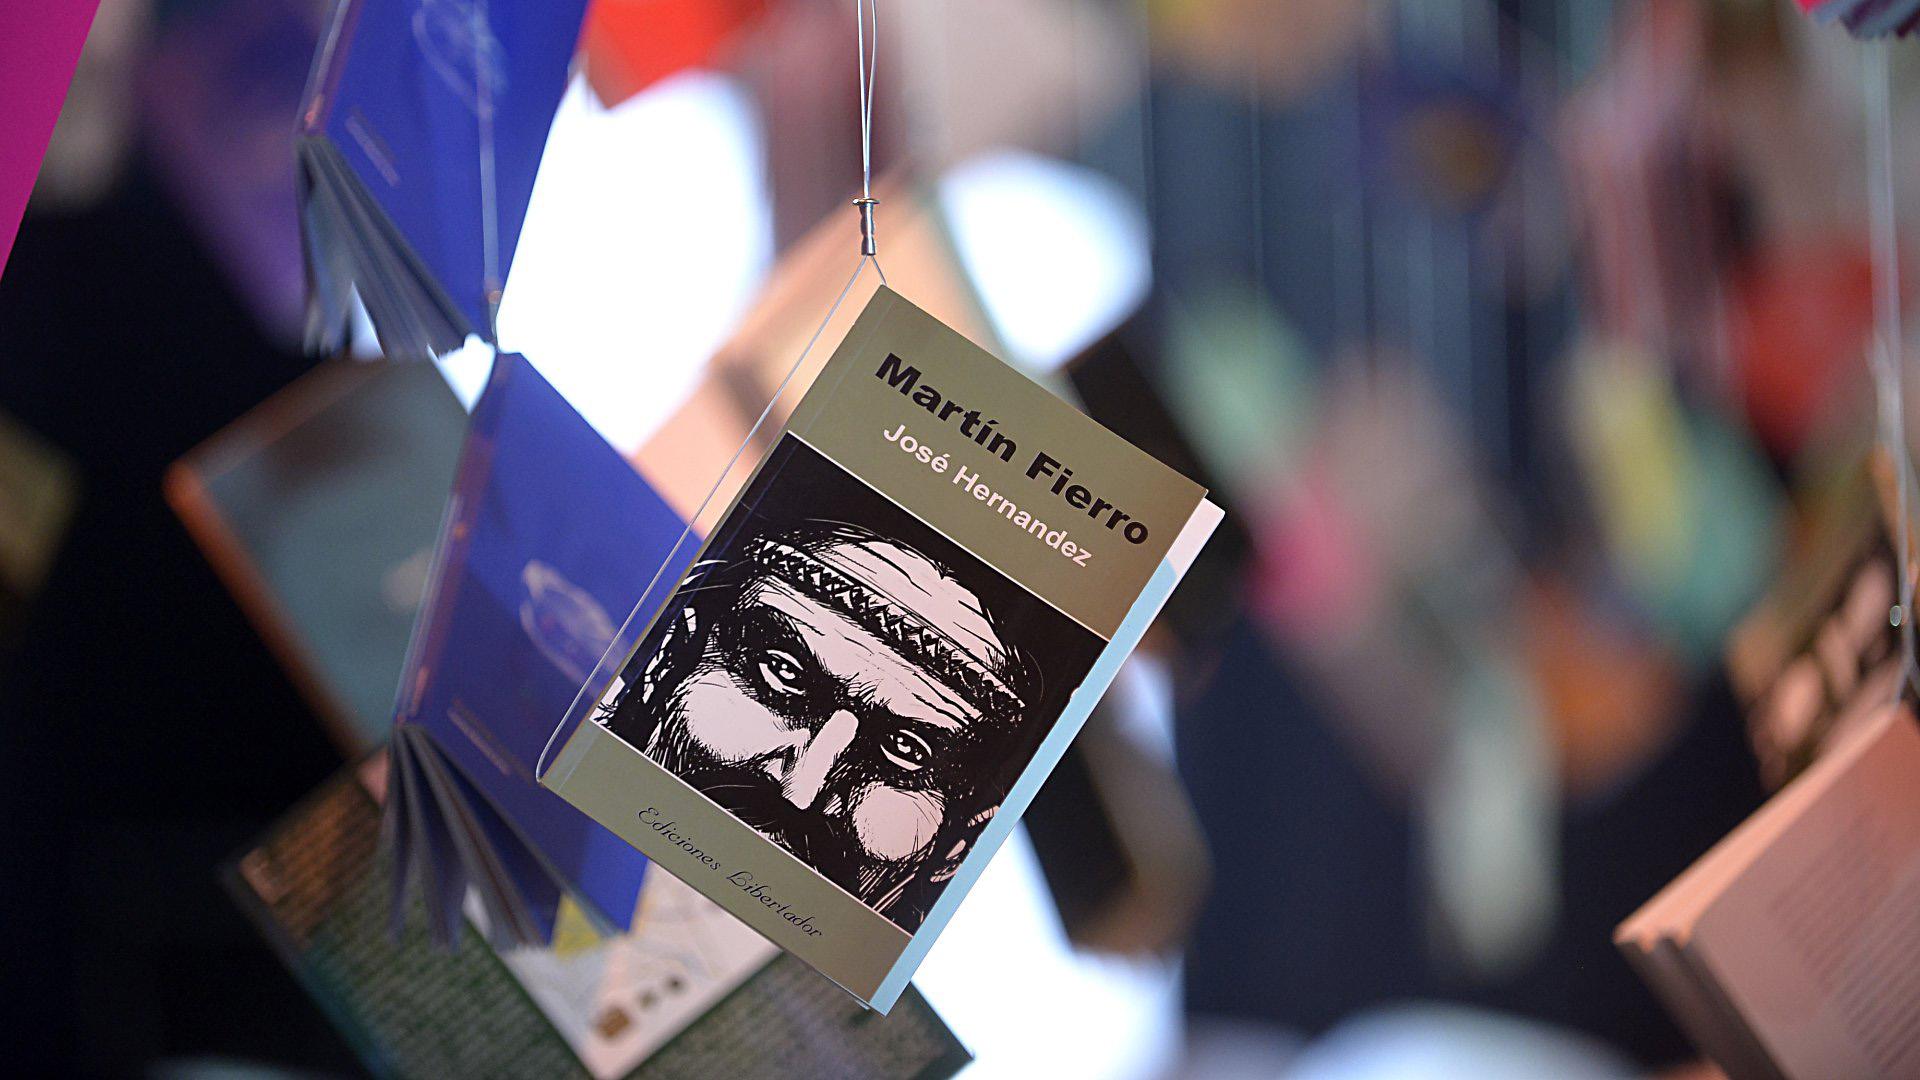 Martín Fierro, uno de los clásicos de la literatura argentina, cuelga de una tanza junto otras libros para leer de manera recreativa